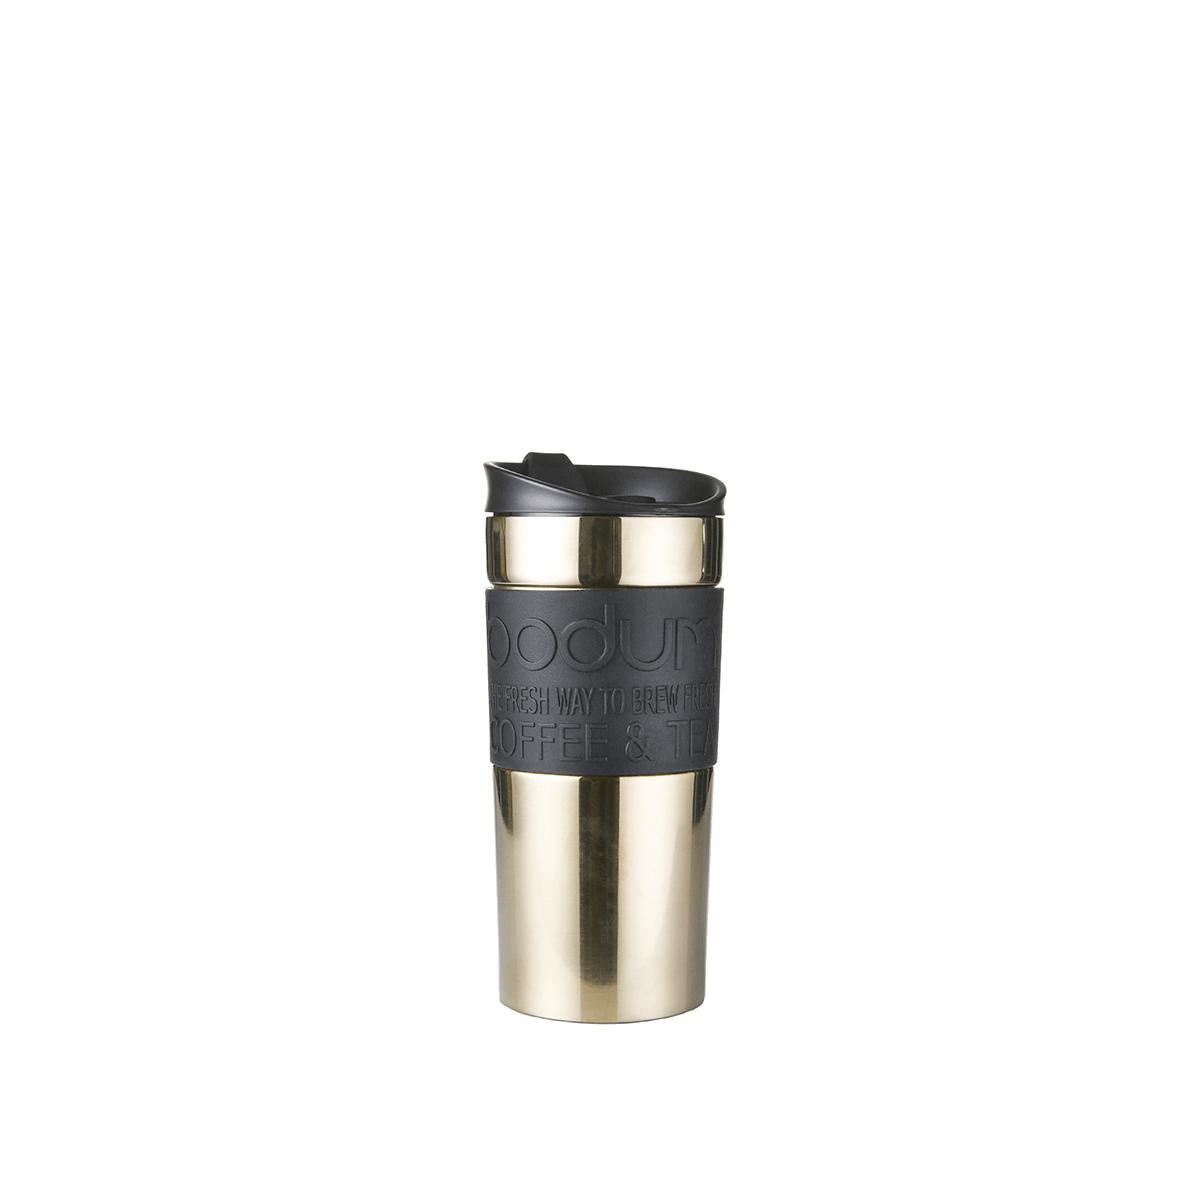 Double-walled insulated travel mug: Bodum® Travel Mug - Gold